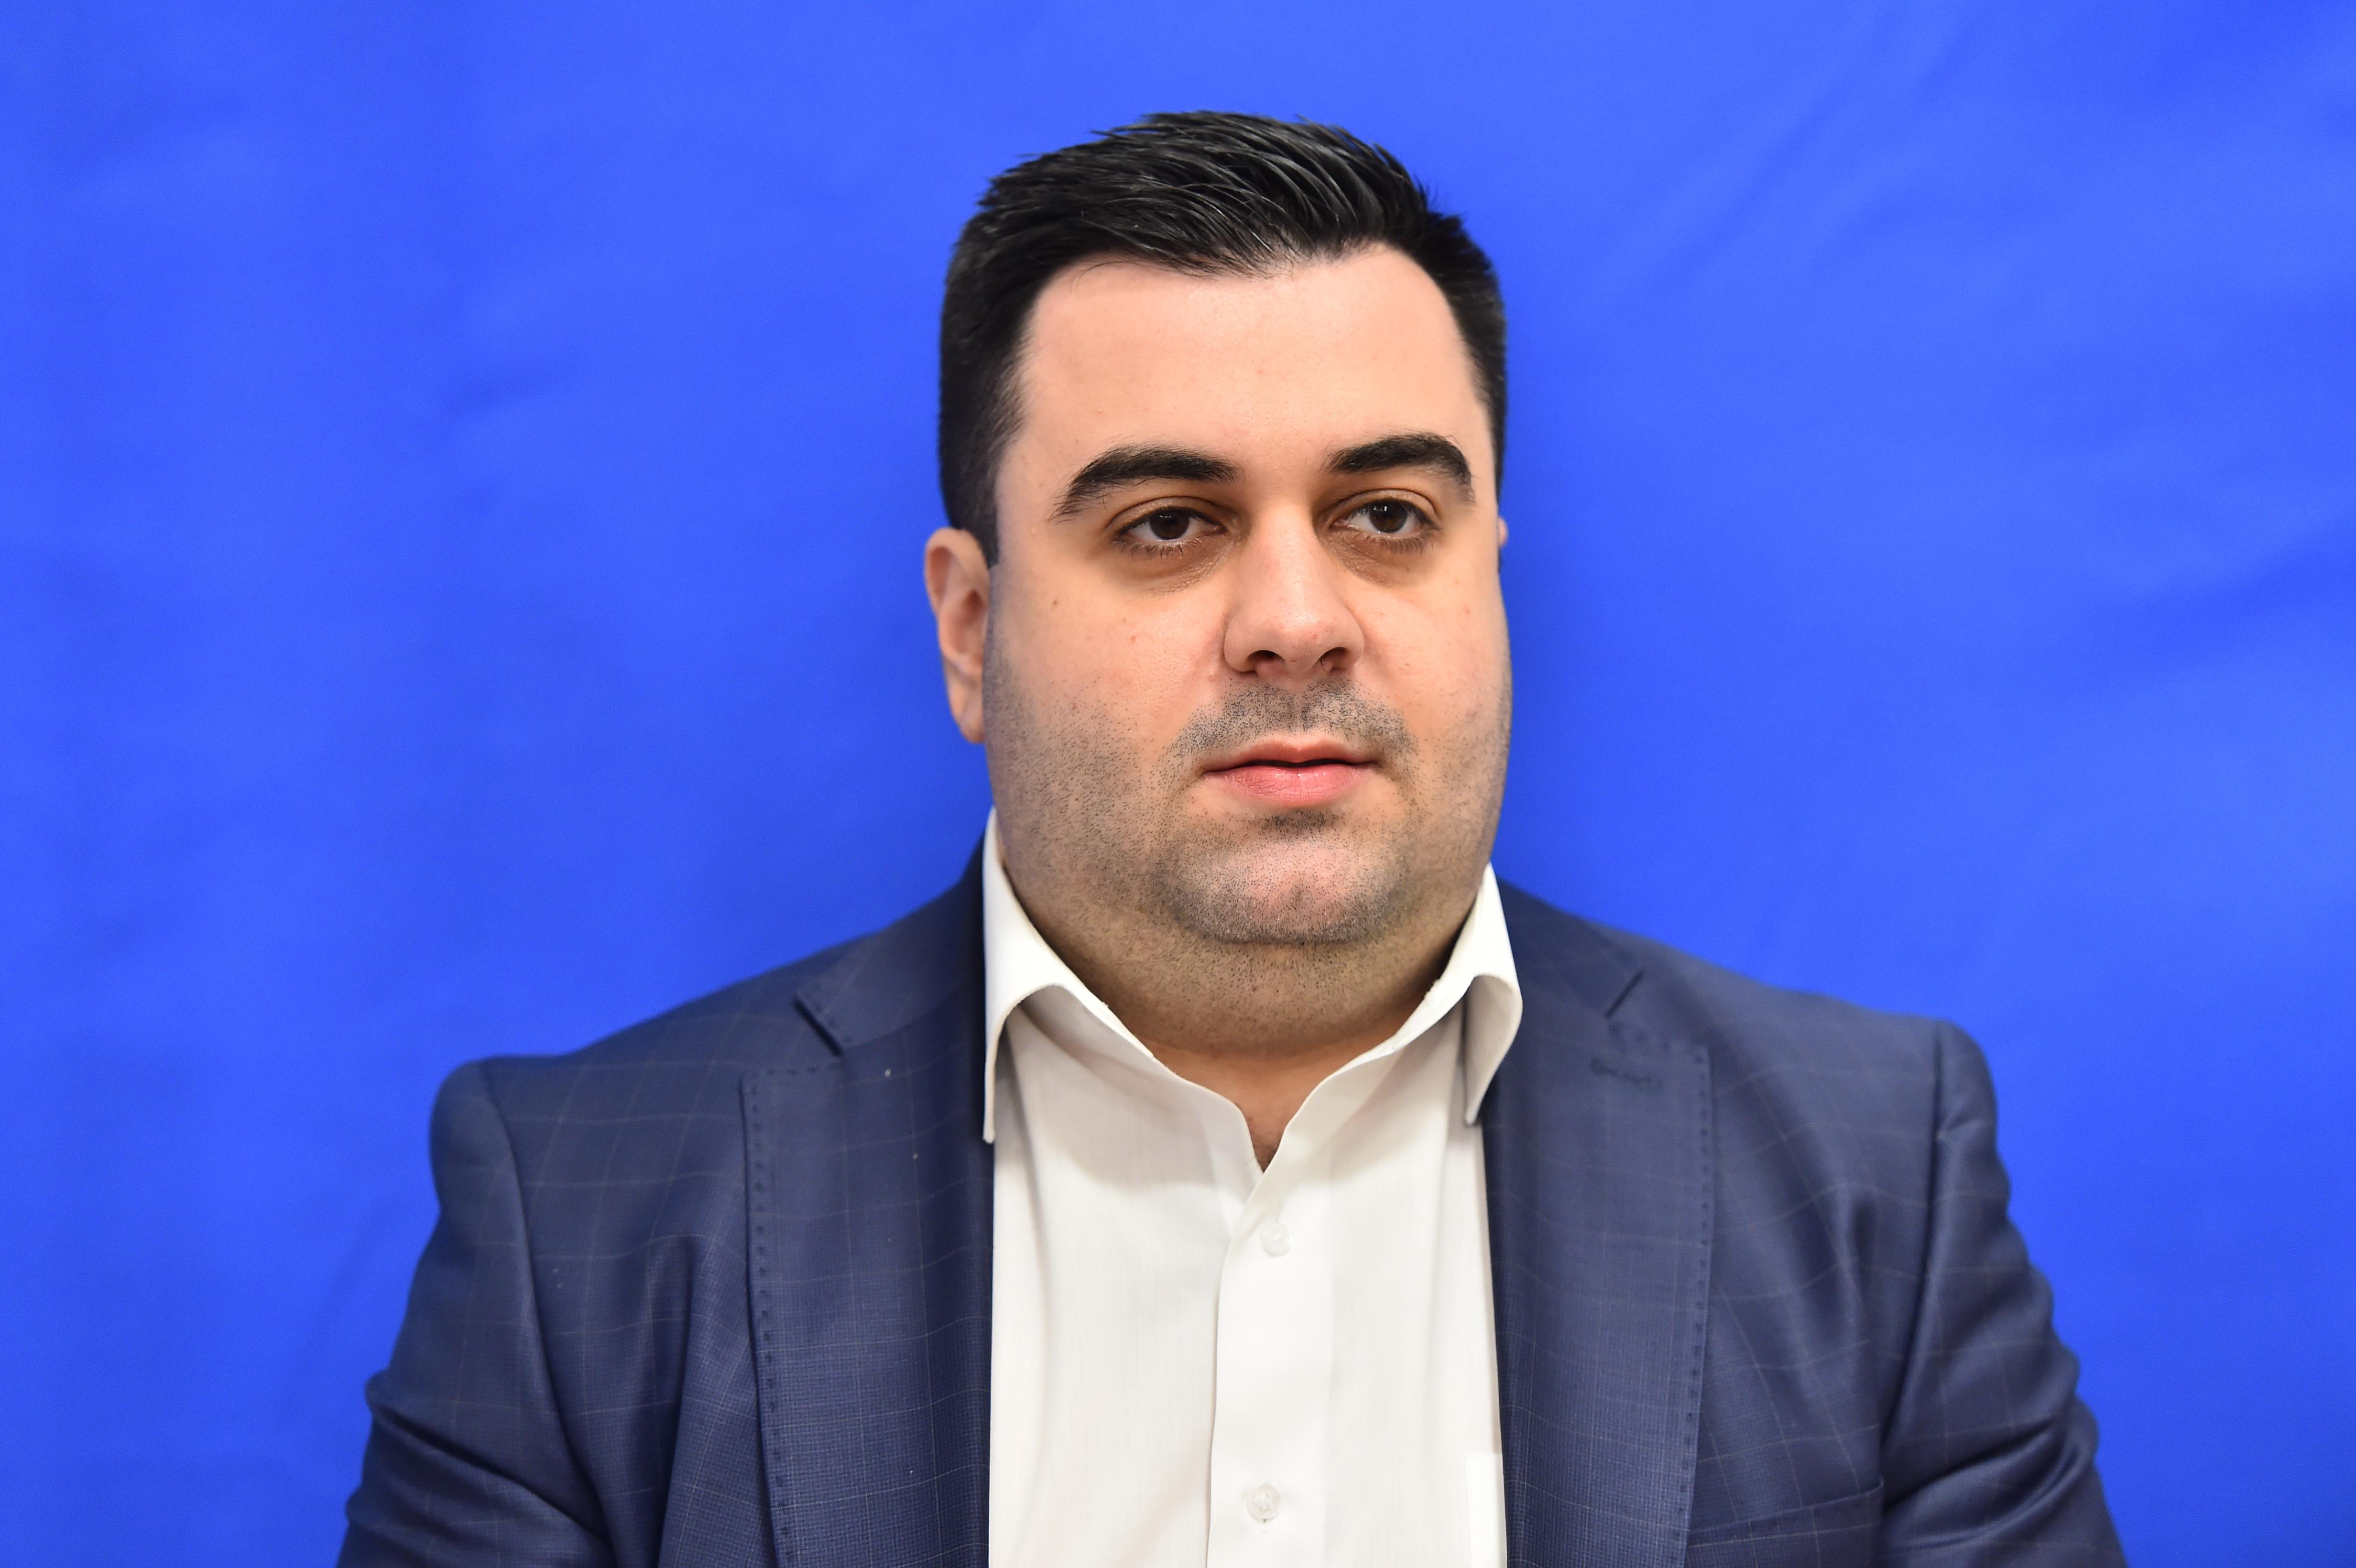 Alexandru-Razvan Cuc a fost propus ministru al Transporturilor in Guvernul Grindeanu